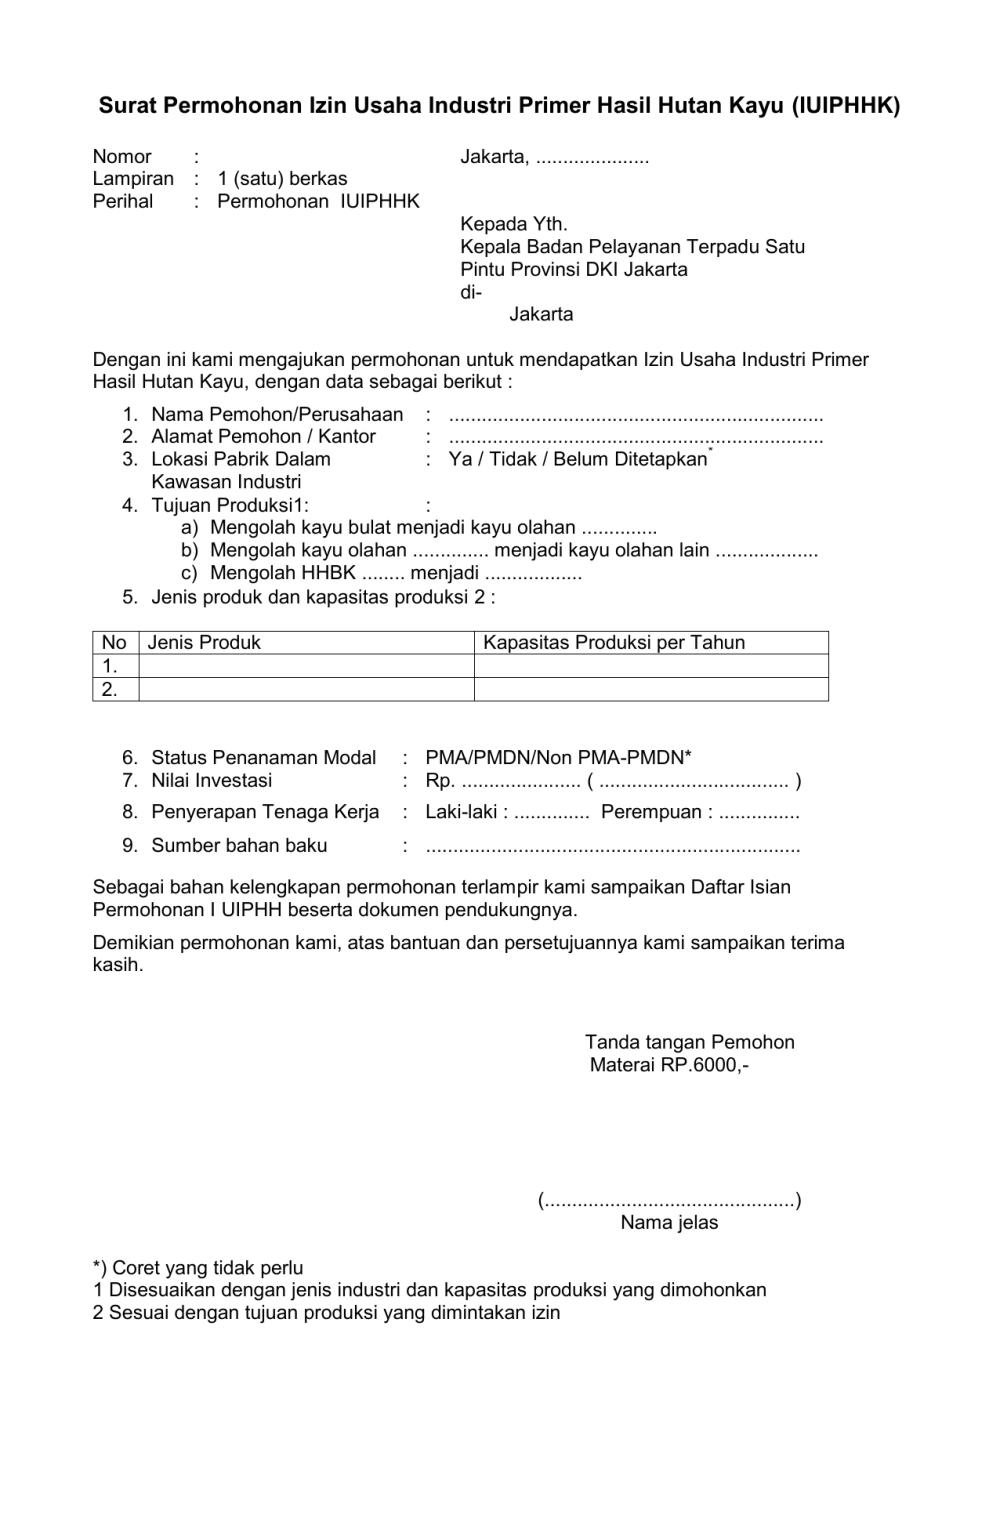 6. Contoh Surat Permohonan Izin Usaha